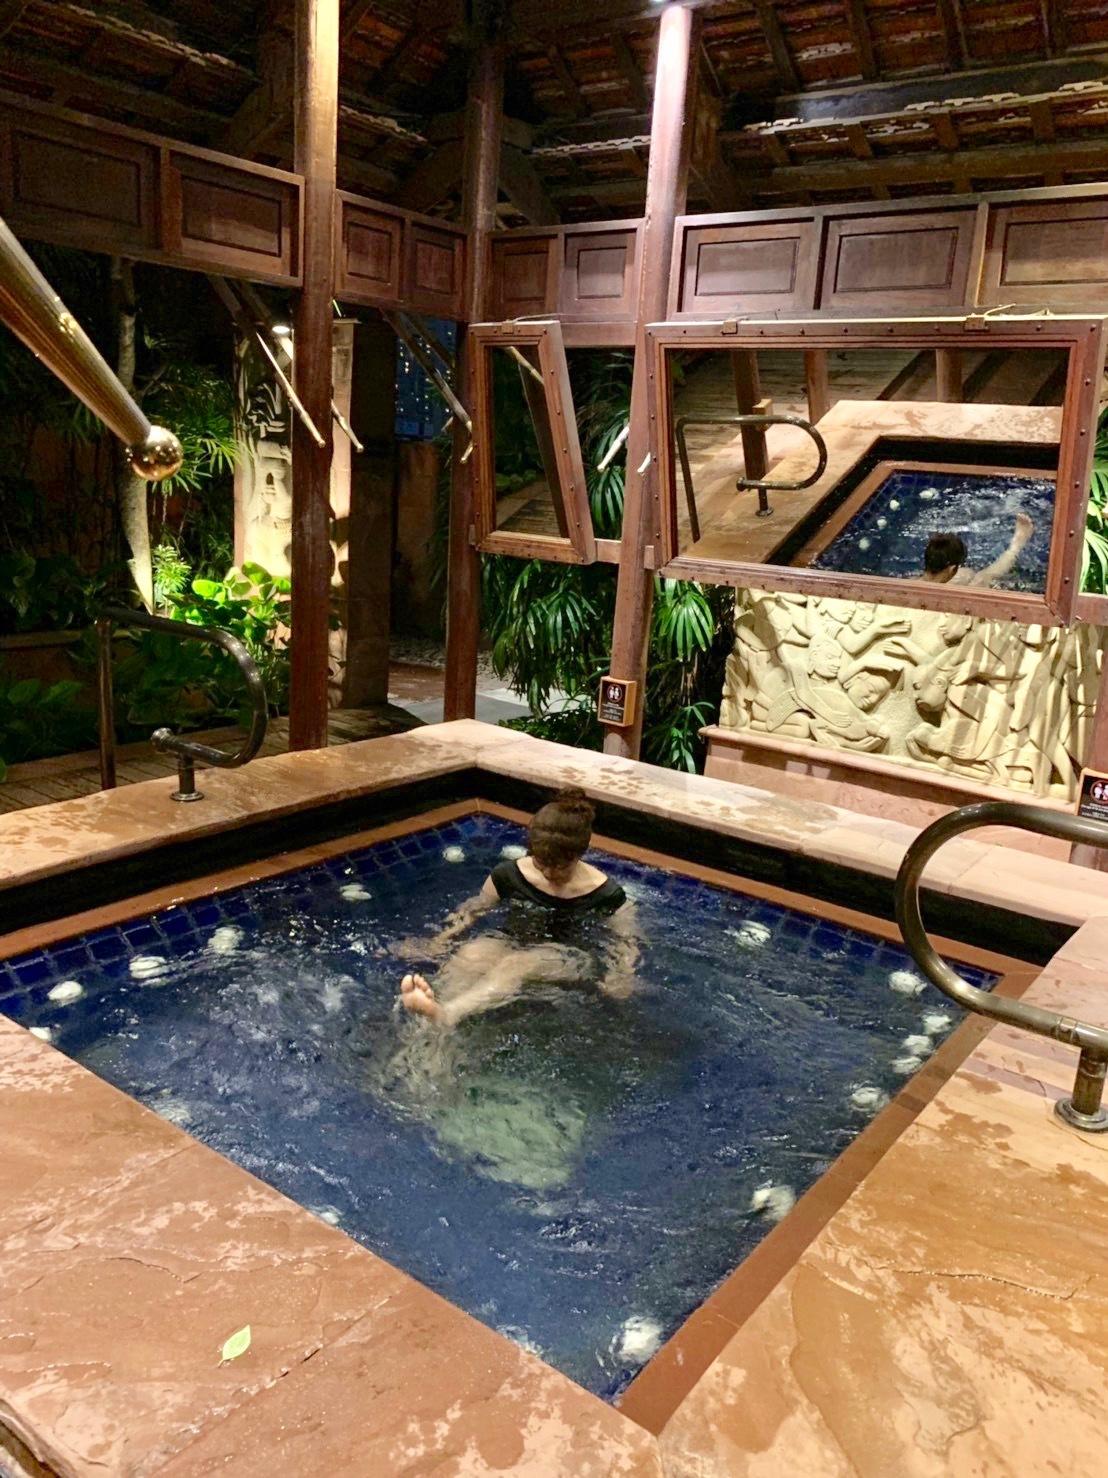 ホテルでプールを楽しむ_b0325640_21310146.jpg